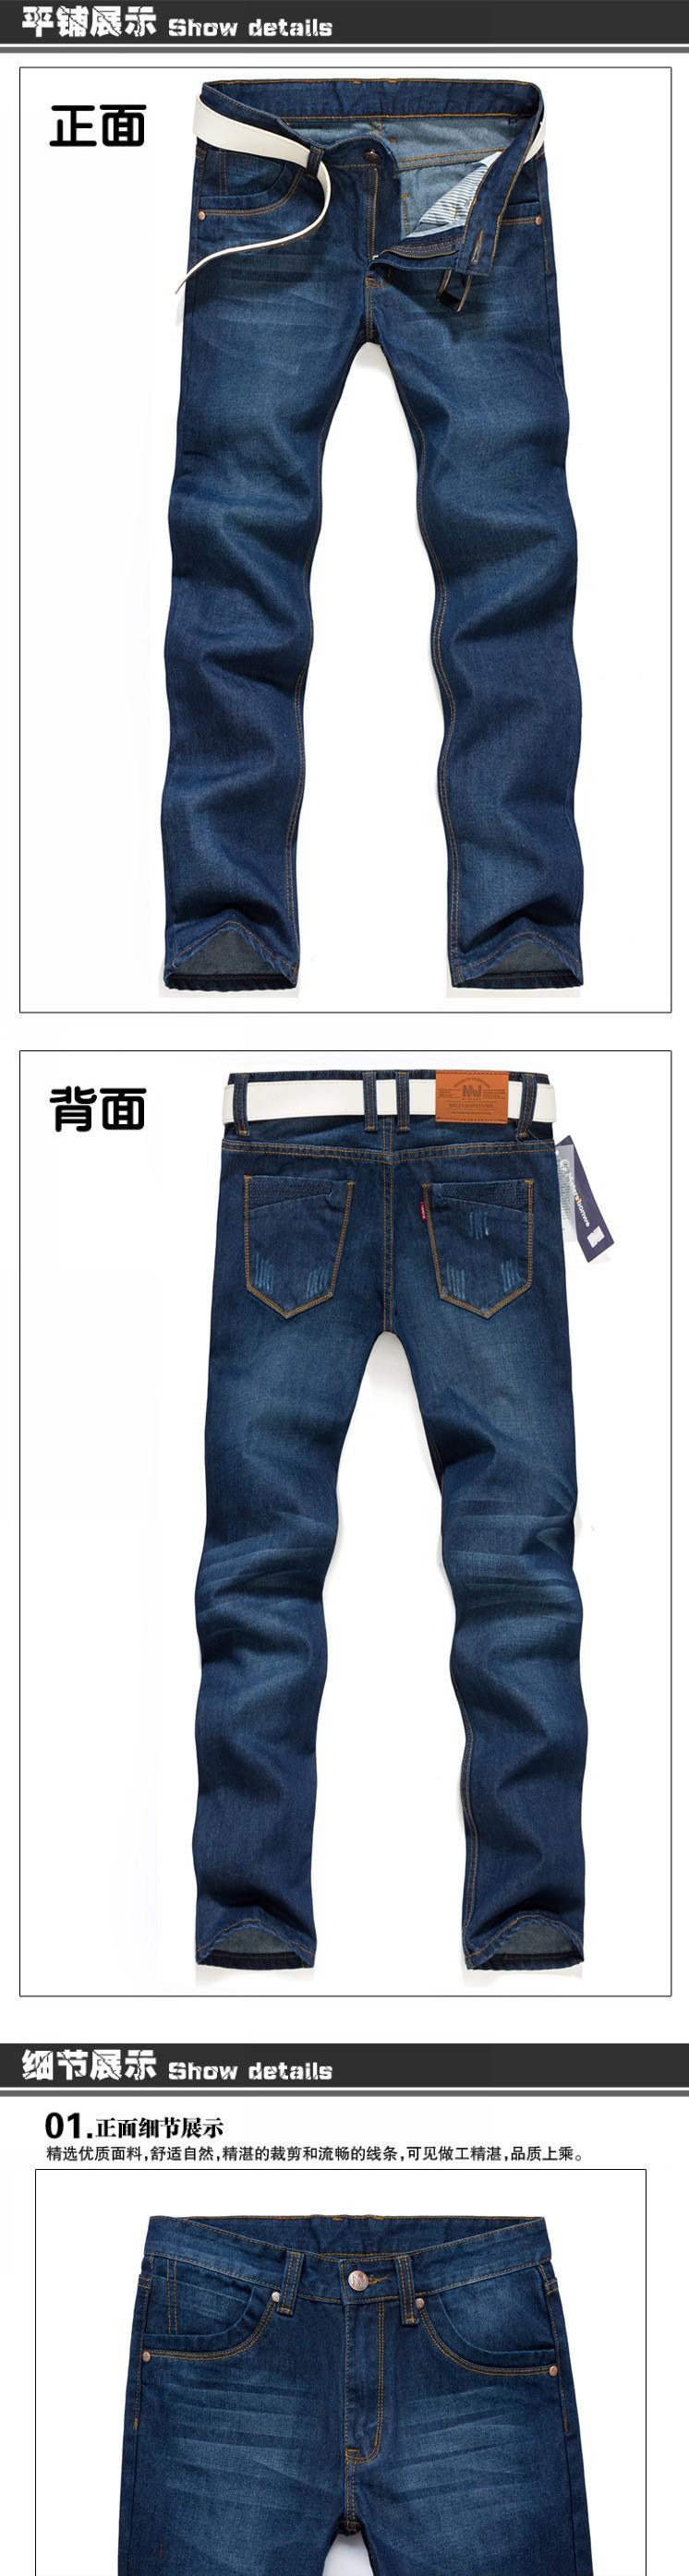 мужчины в джинсы, прямой джинсы, джинсовые джинсы, # 028